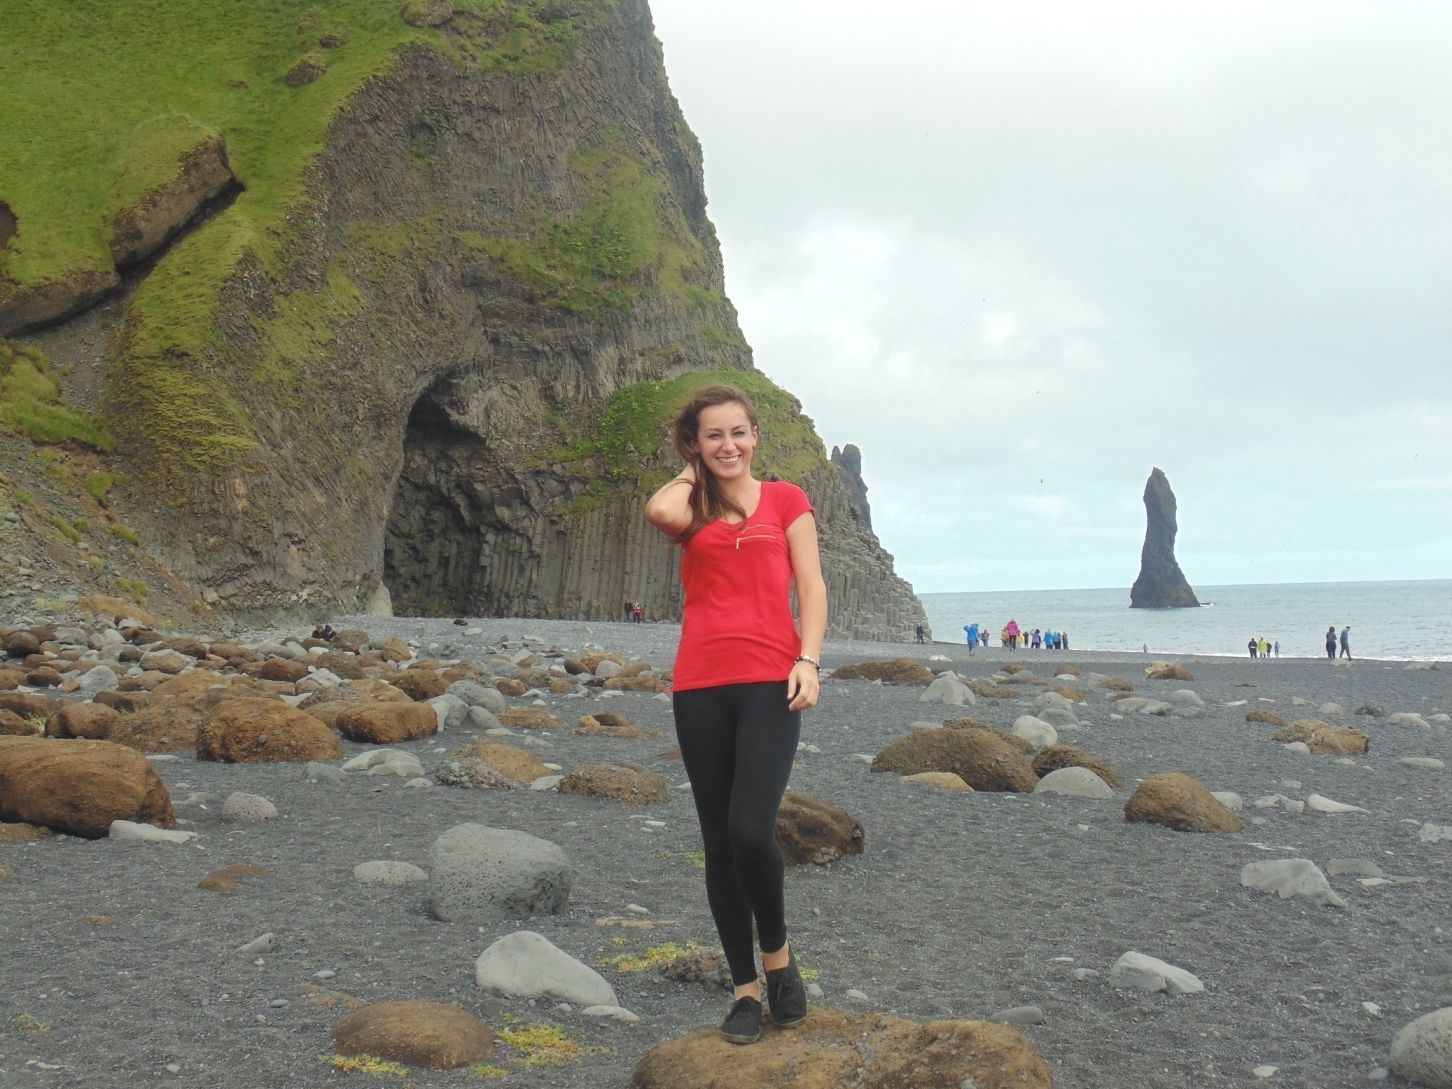 plaża, czarna plaża, Reynisfjara, południowa Islandia, atrakcje turystyczne Islandii, Islandia, blog o Islandii, praca w Islandii, pani dorcia, blog podróżniczy, blog fotograficzny